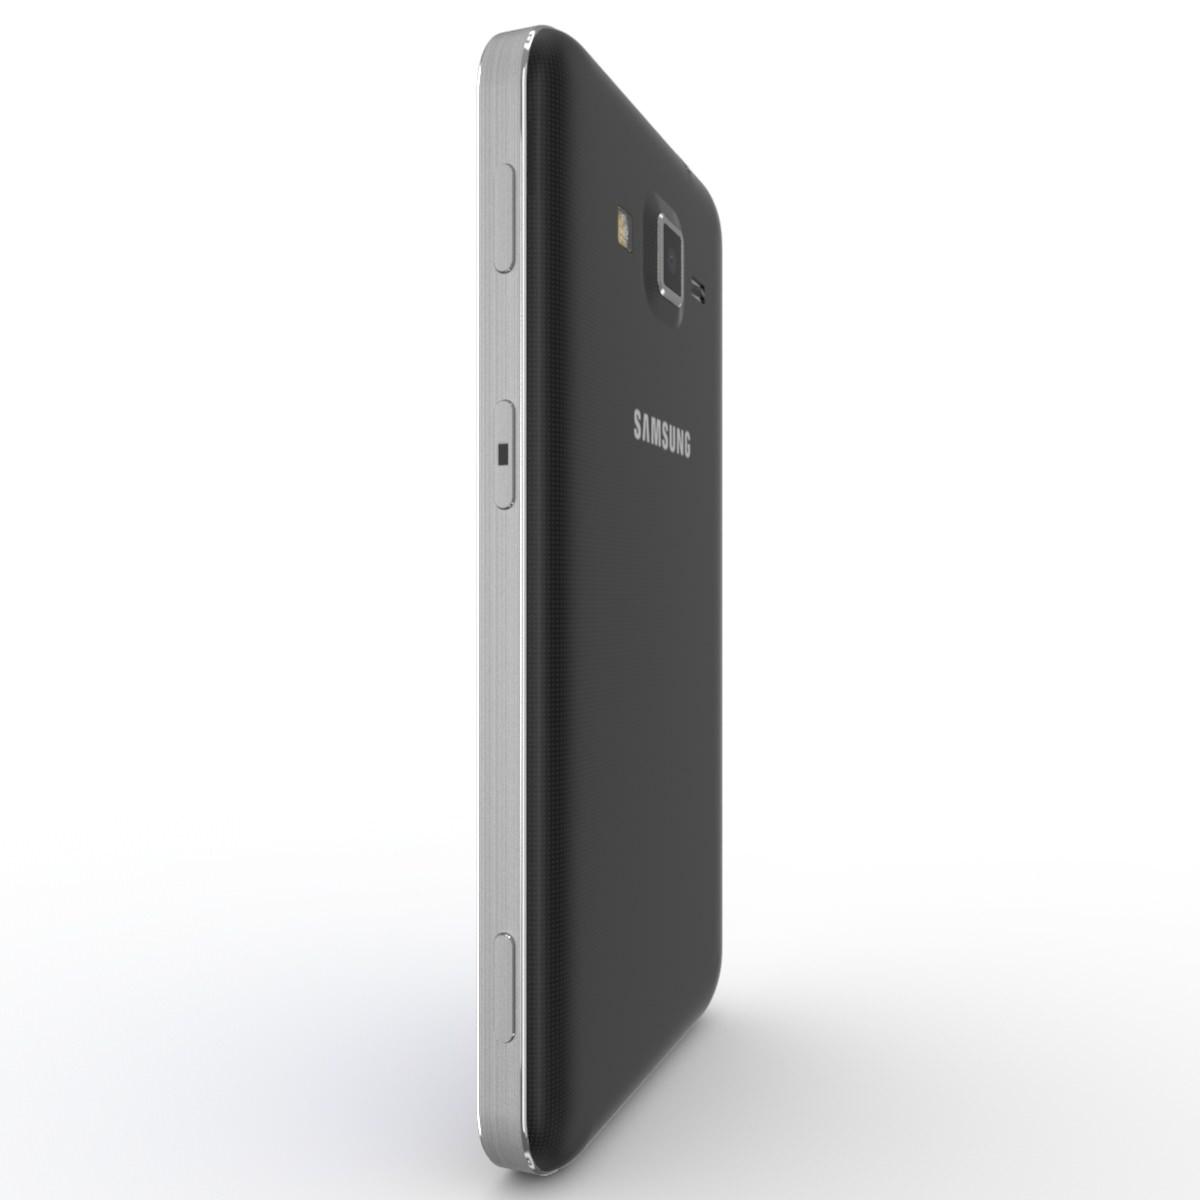 Samsung Galaxy Core Advance Black 3D Model MAX OBJ FBX